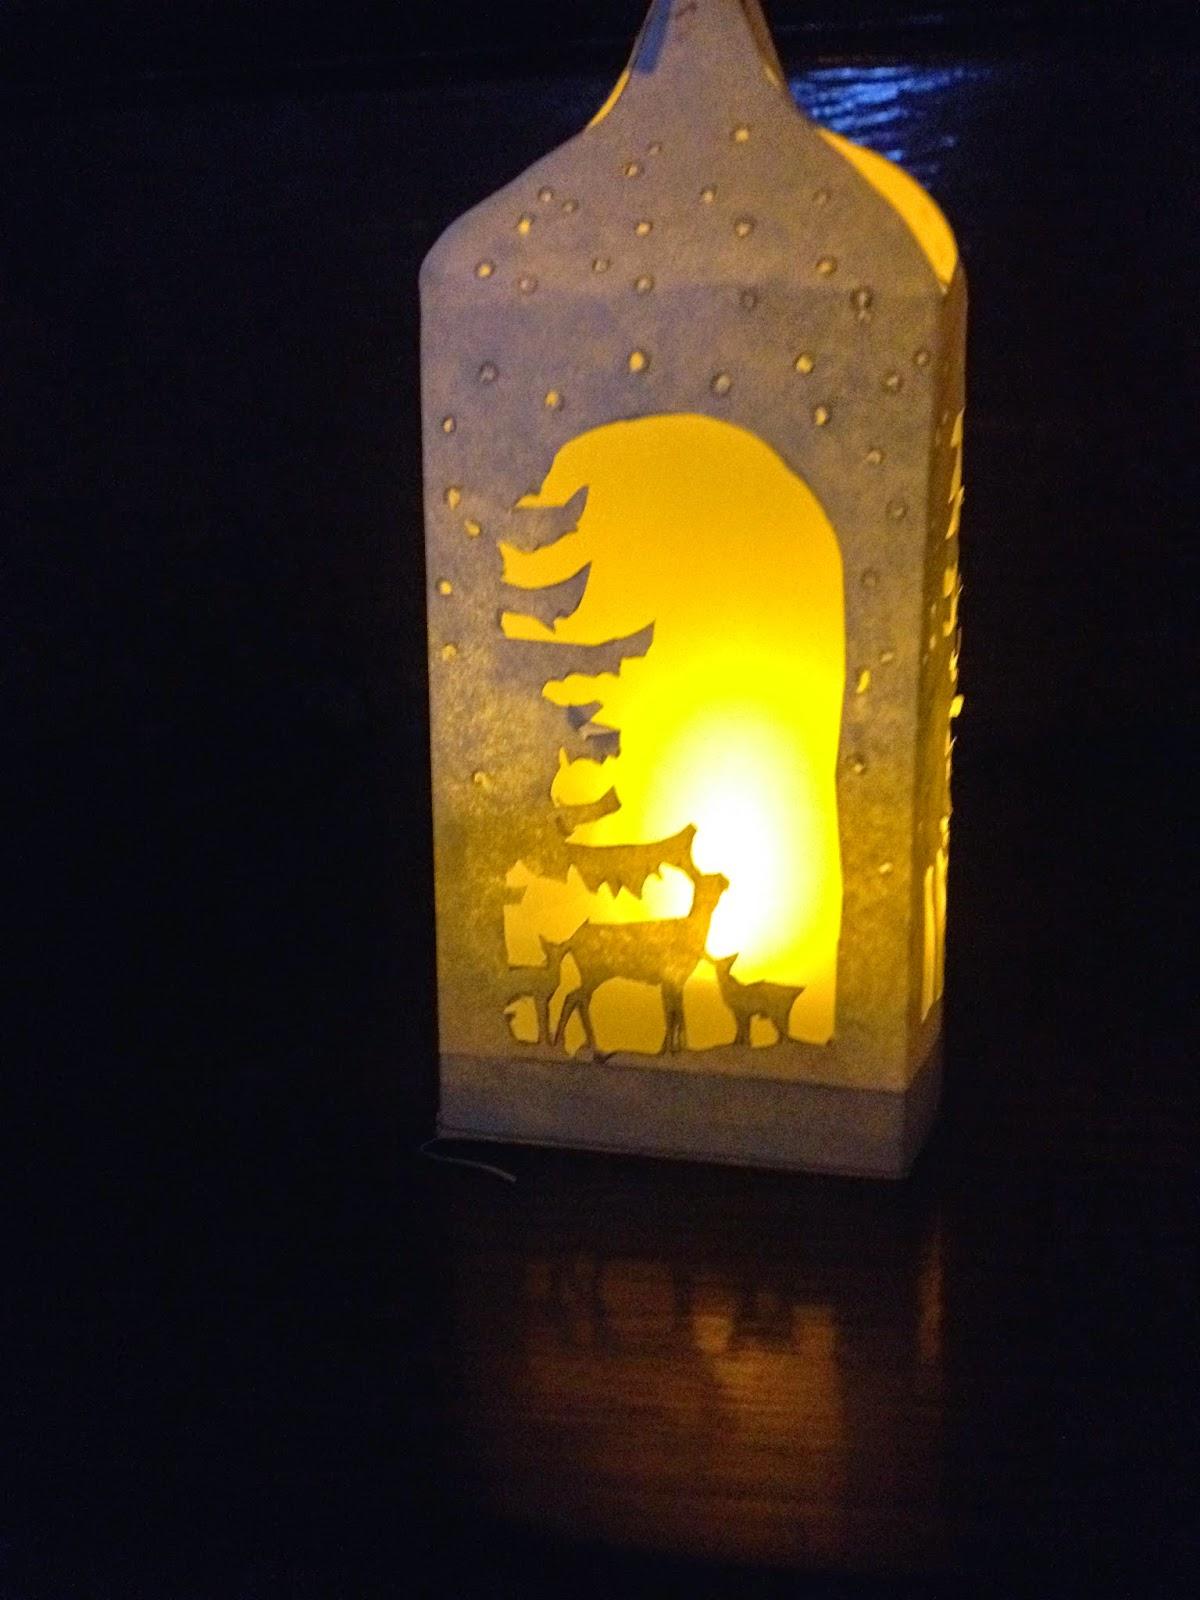 Les diy de fishounette lanterne en papier - Lanterne en papier ...